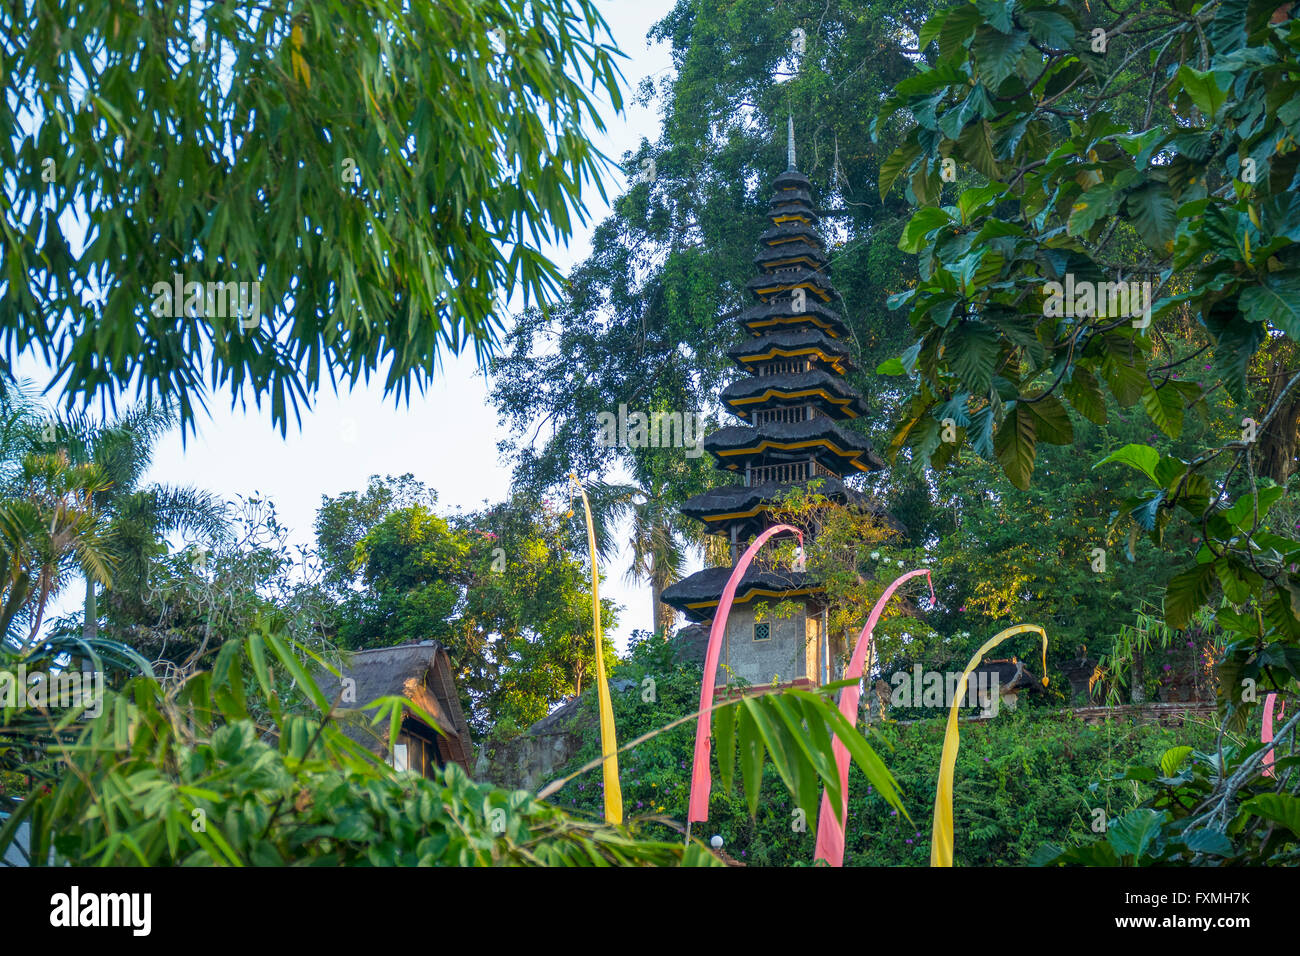 Balinese Temple, Ubud, Bali, Indonesia - Stock Image